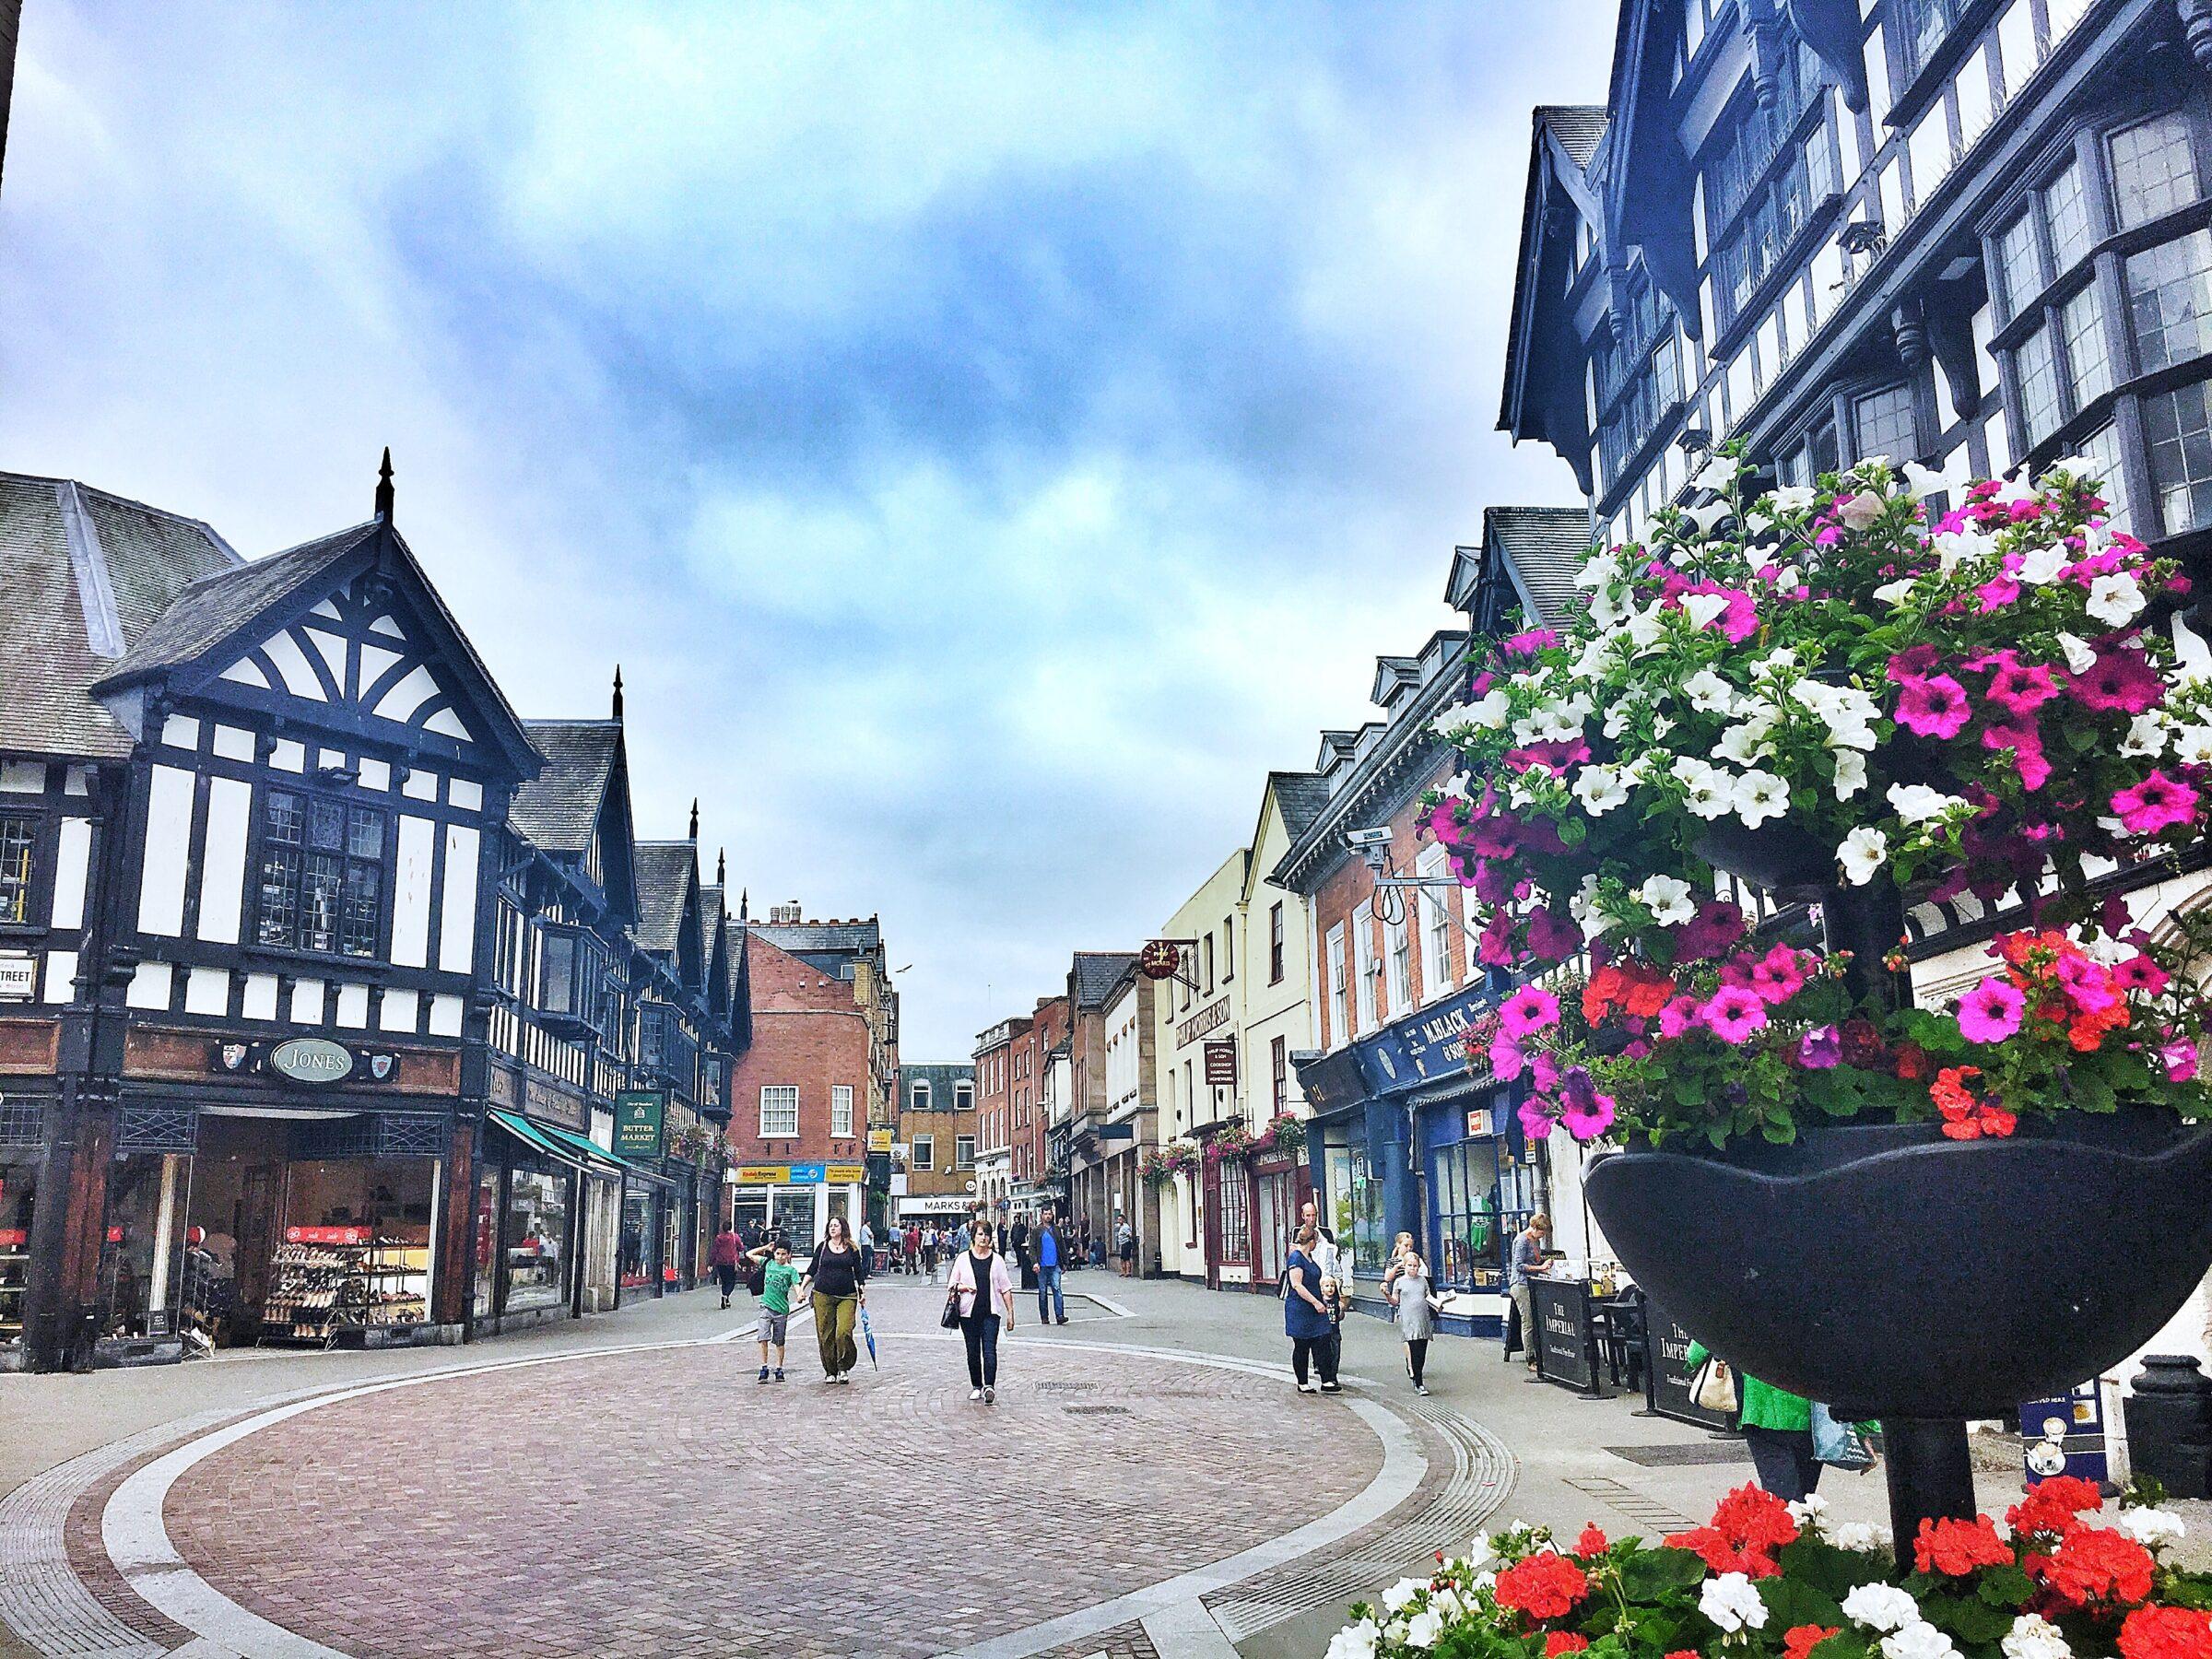 Widemarsh Street